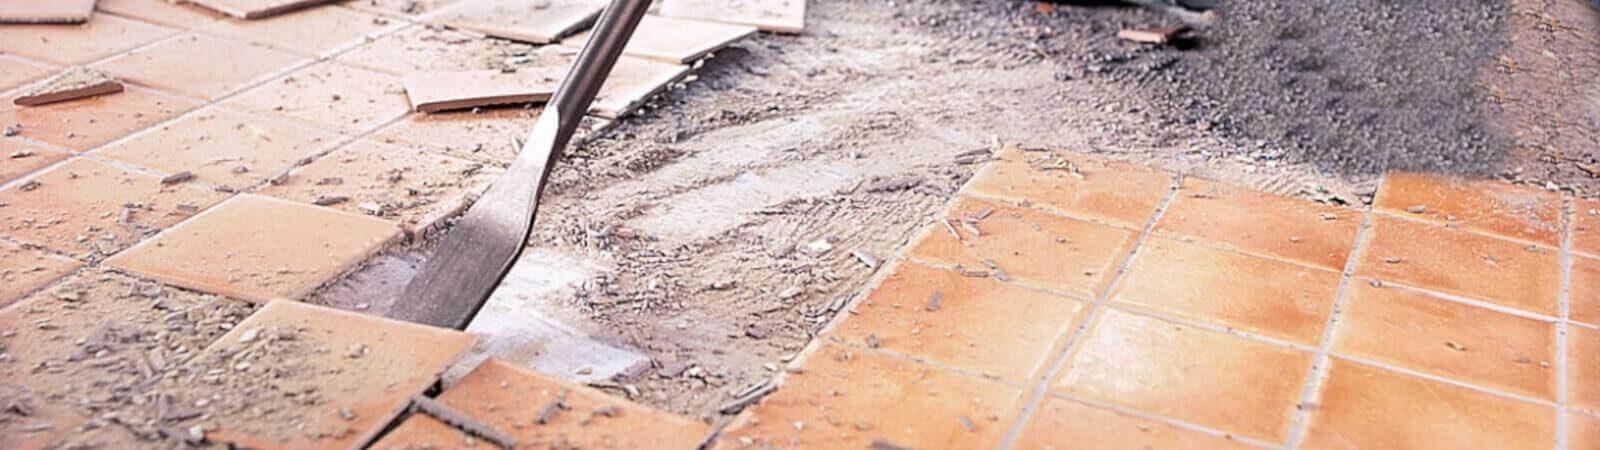 Демонтаж старой плитки со стены